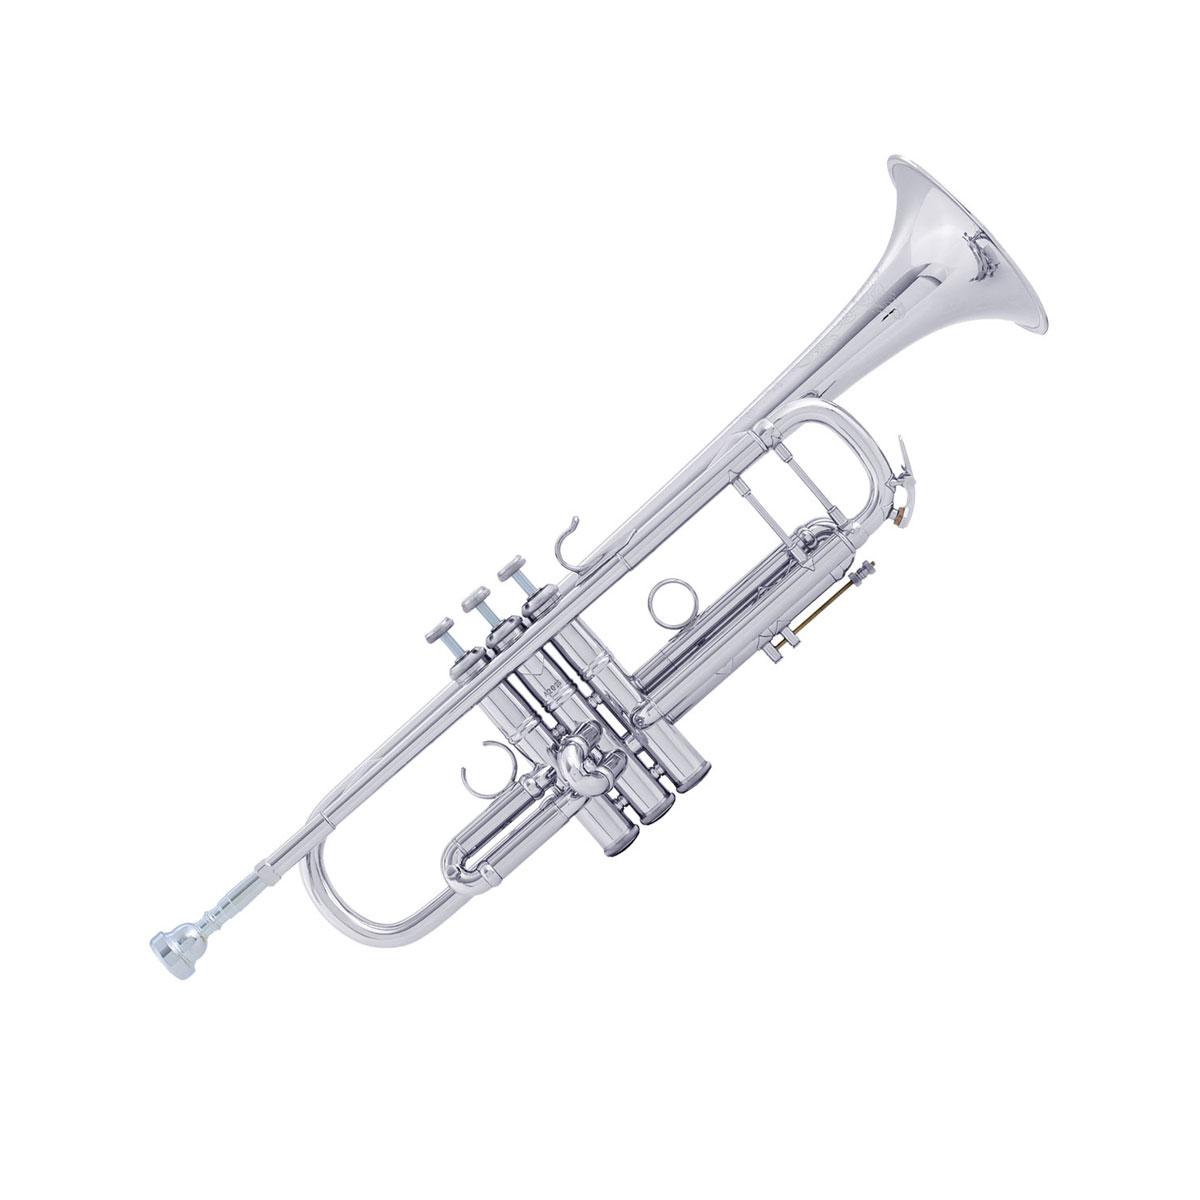 Bach / バック Artisan Collection アルティザン AB190GBS ゴールドブラスベル シルバーメッキ仕上げ B♭トランペット【お取り寄せ】【5年保証】